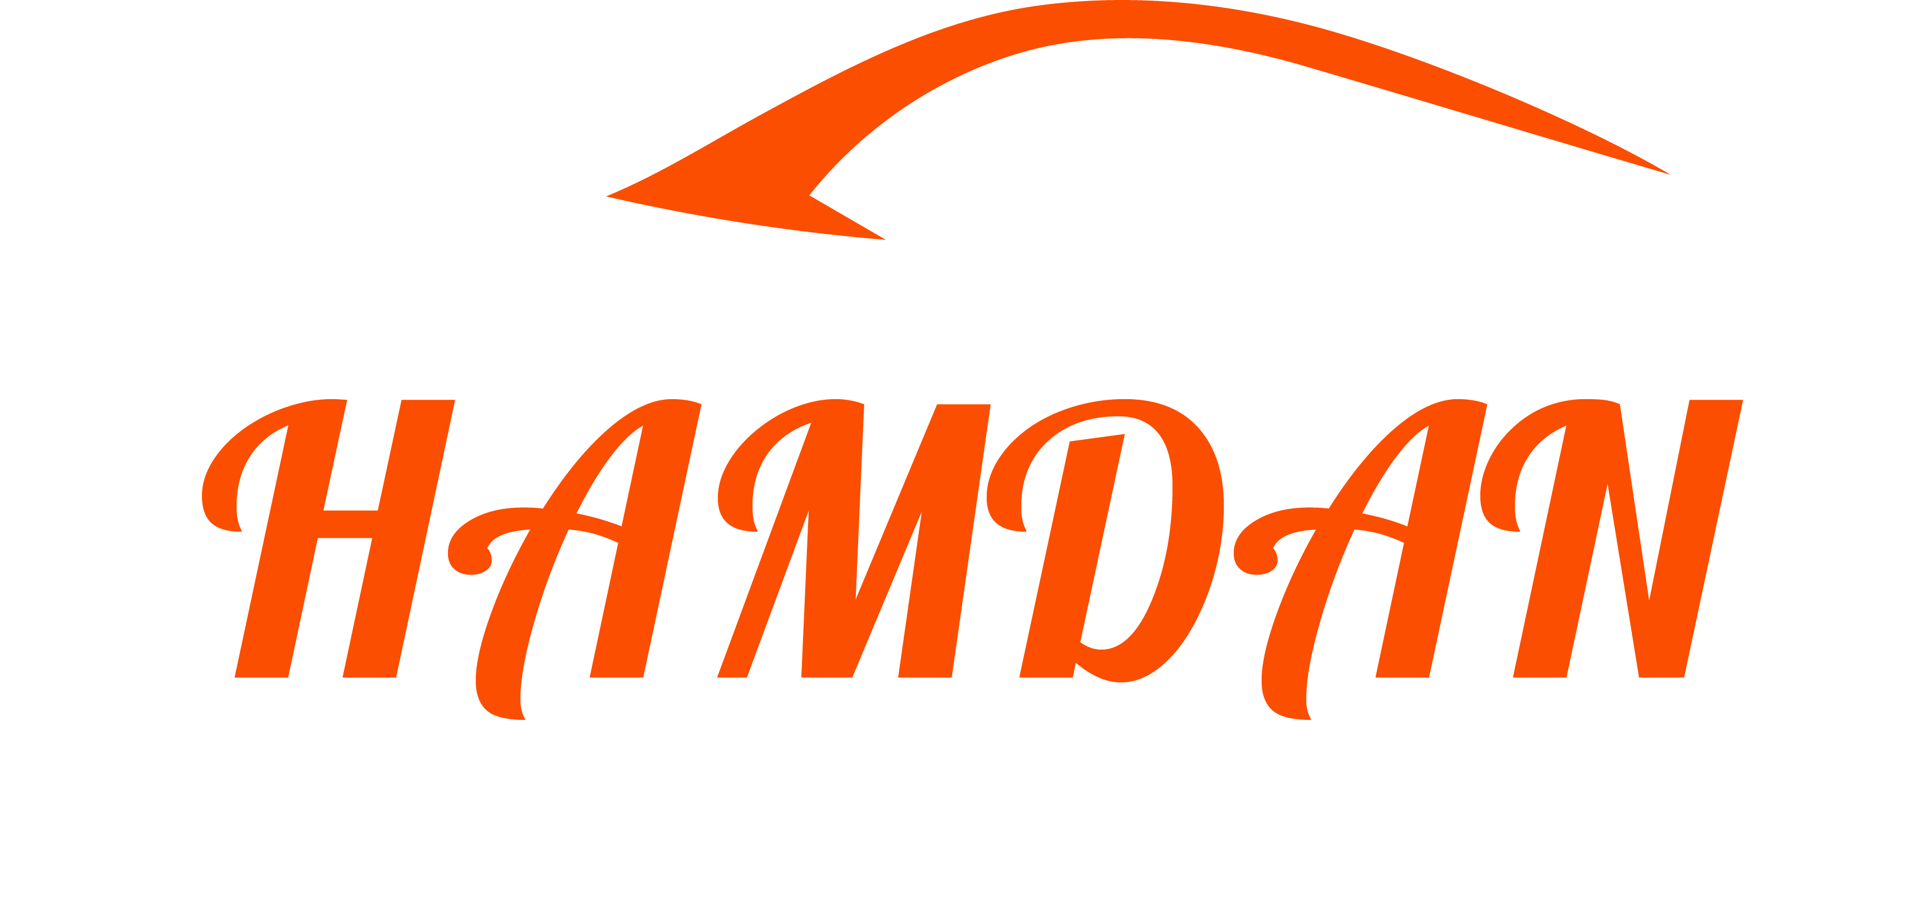 Hamdan Rent a car in Islamabad